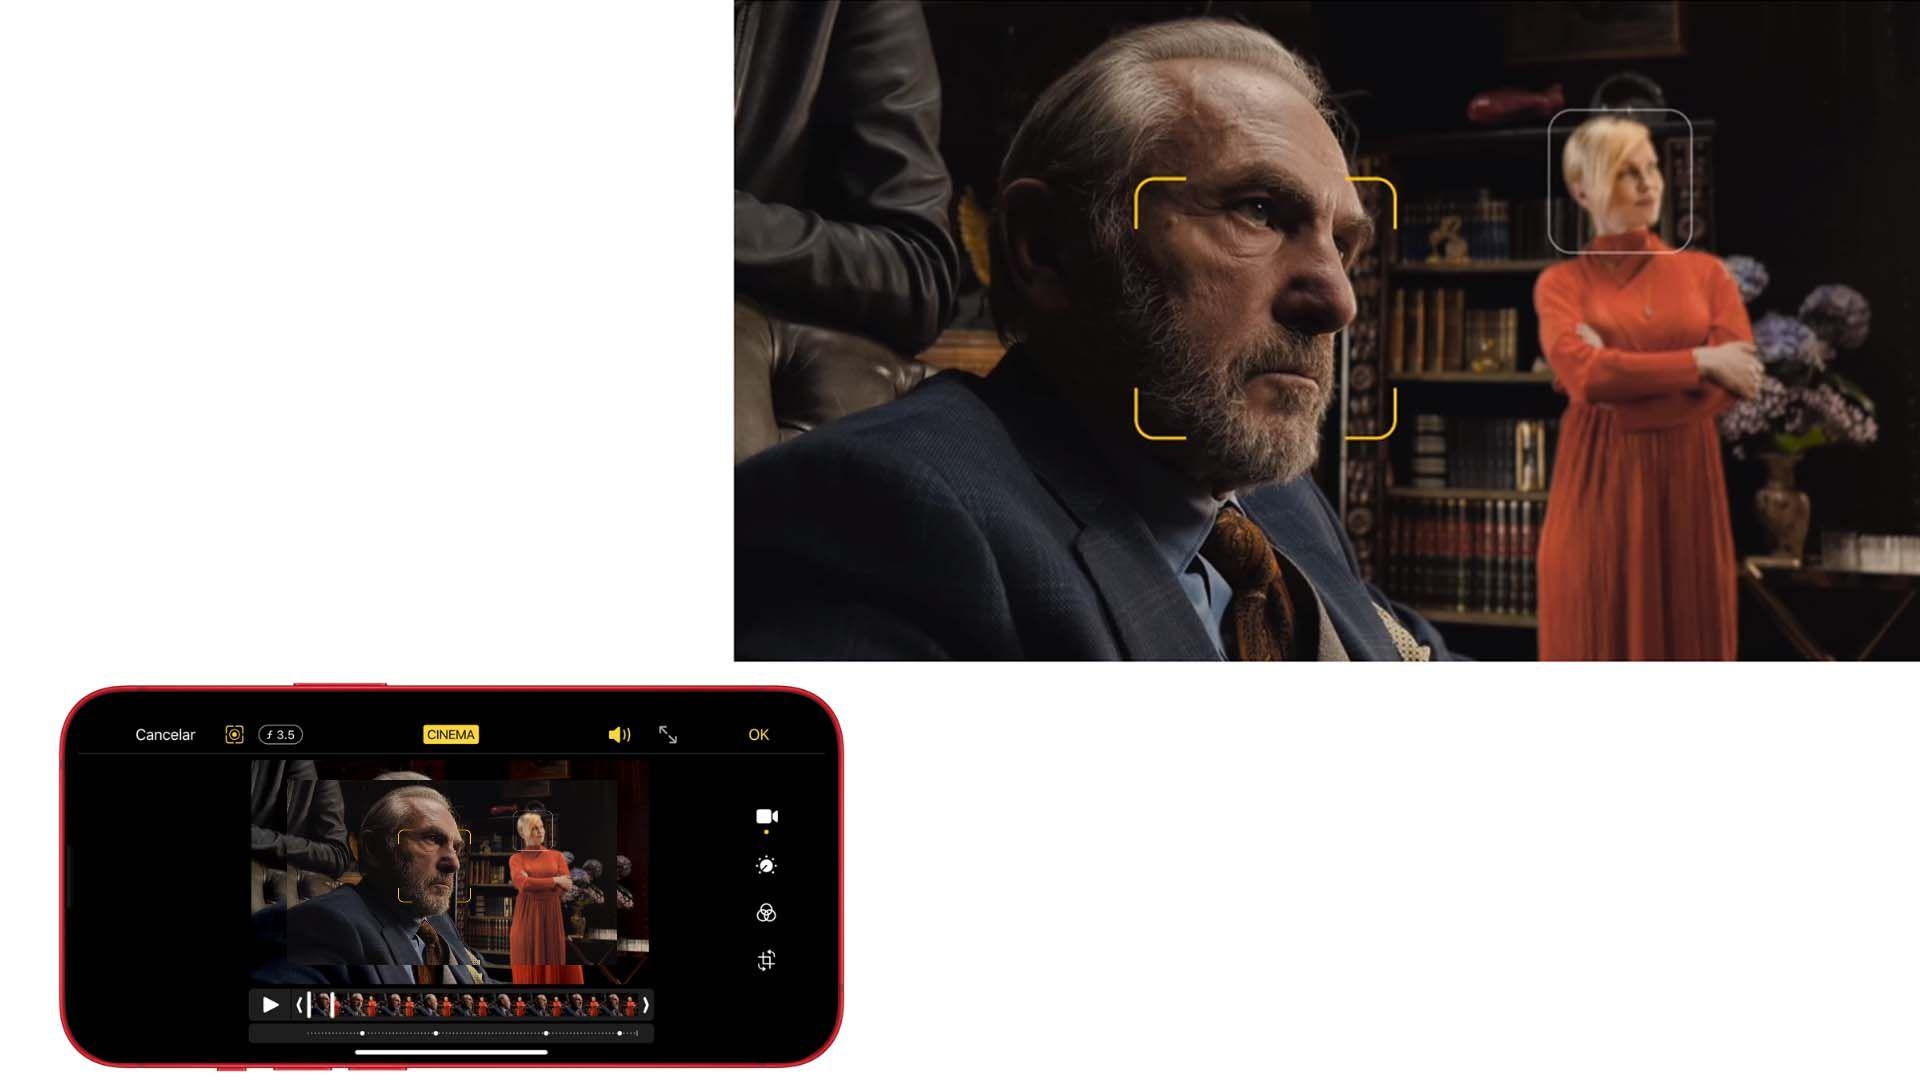 Imagem para mostrar o Modo Cinema do iPhone 13